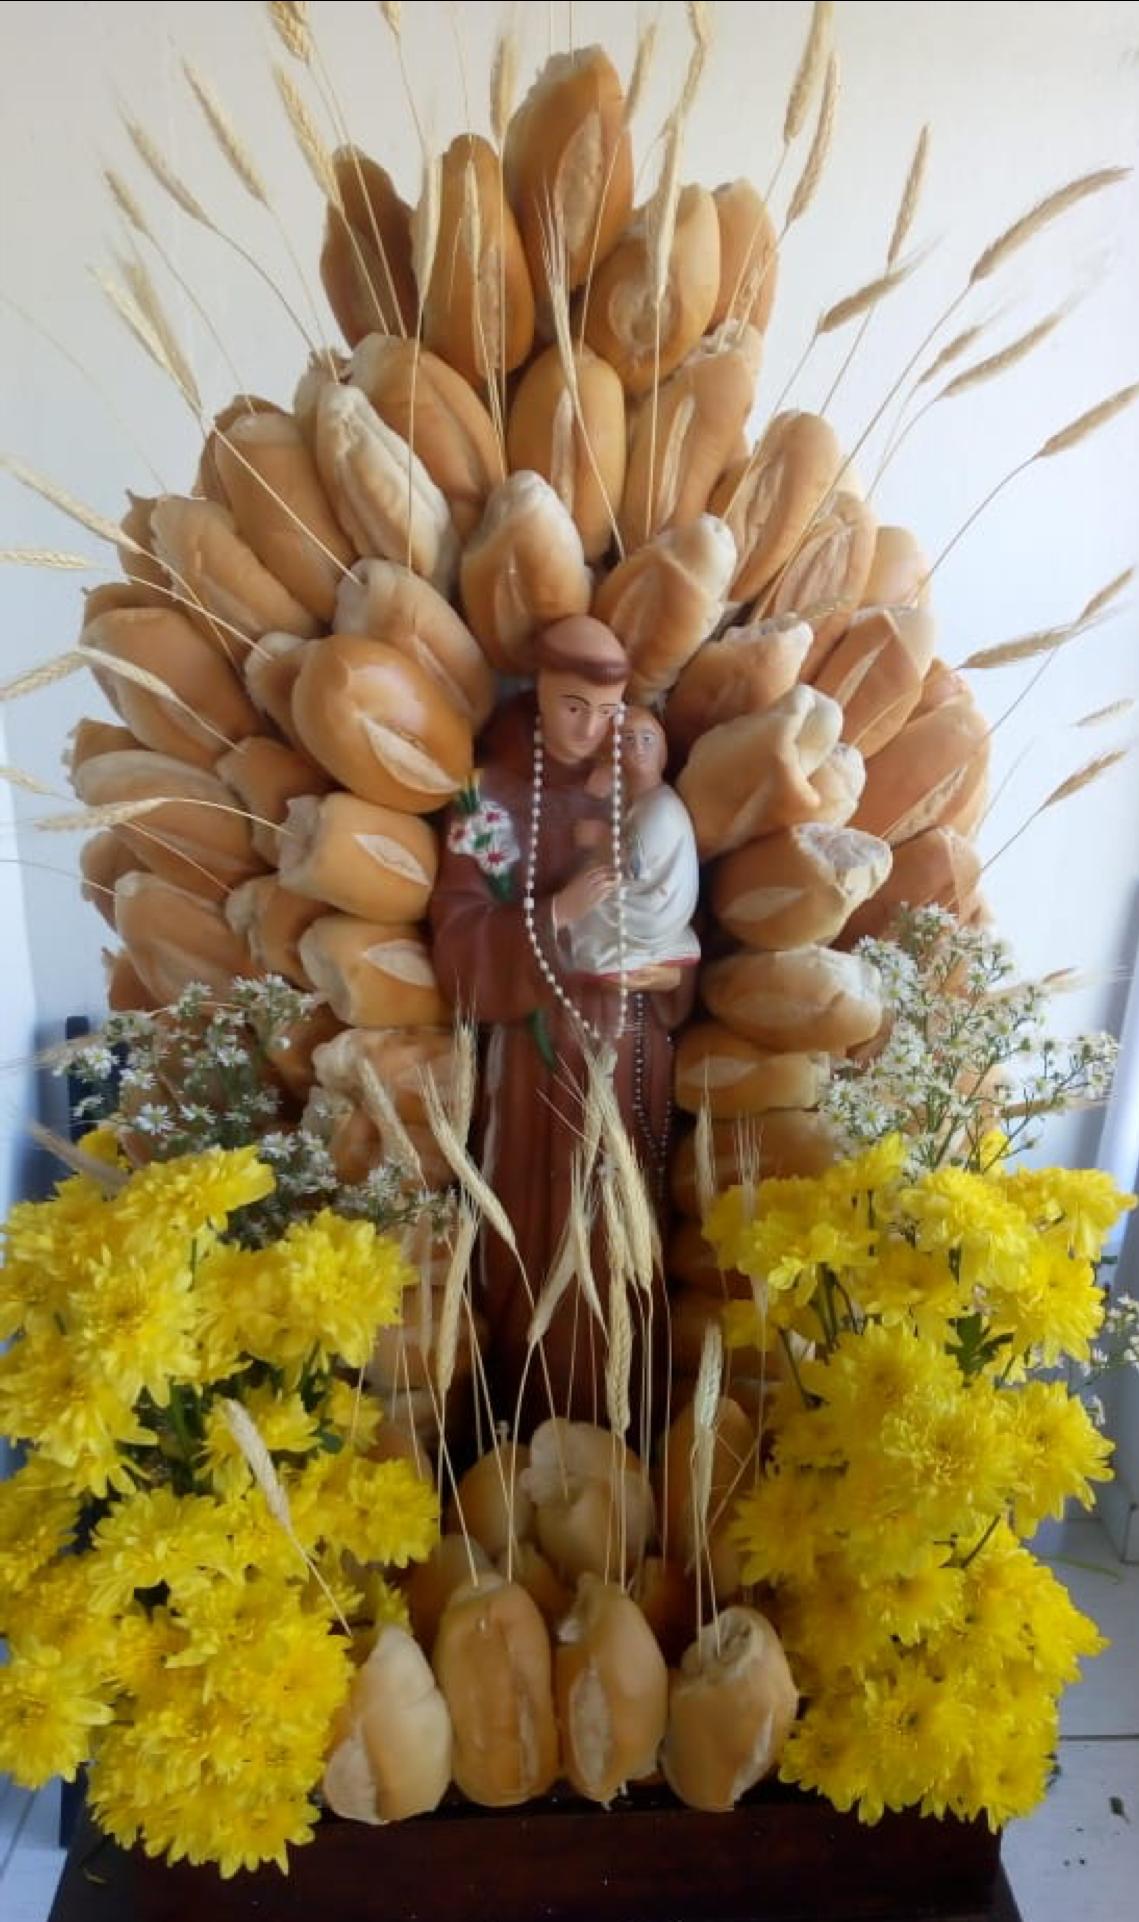 Andor da caminhada em celebração ao milagre dos pães Santo António, em Irará / Bahia - 2018